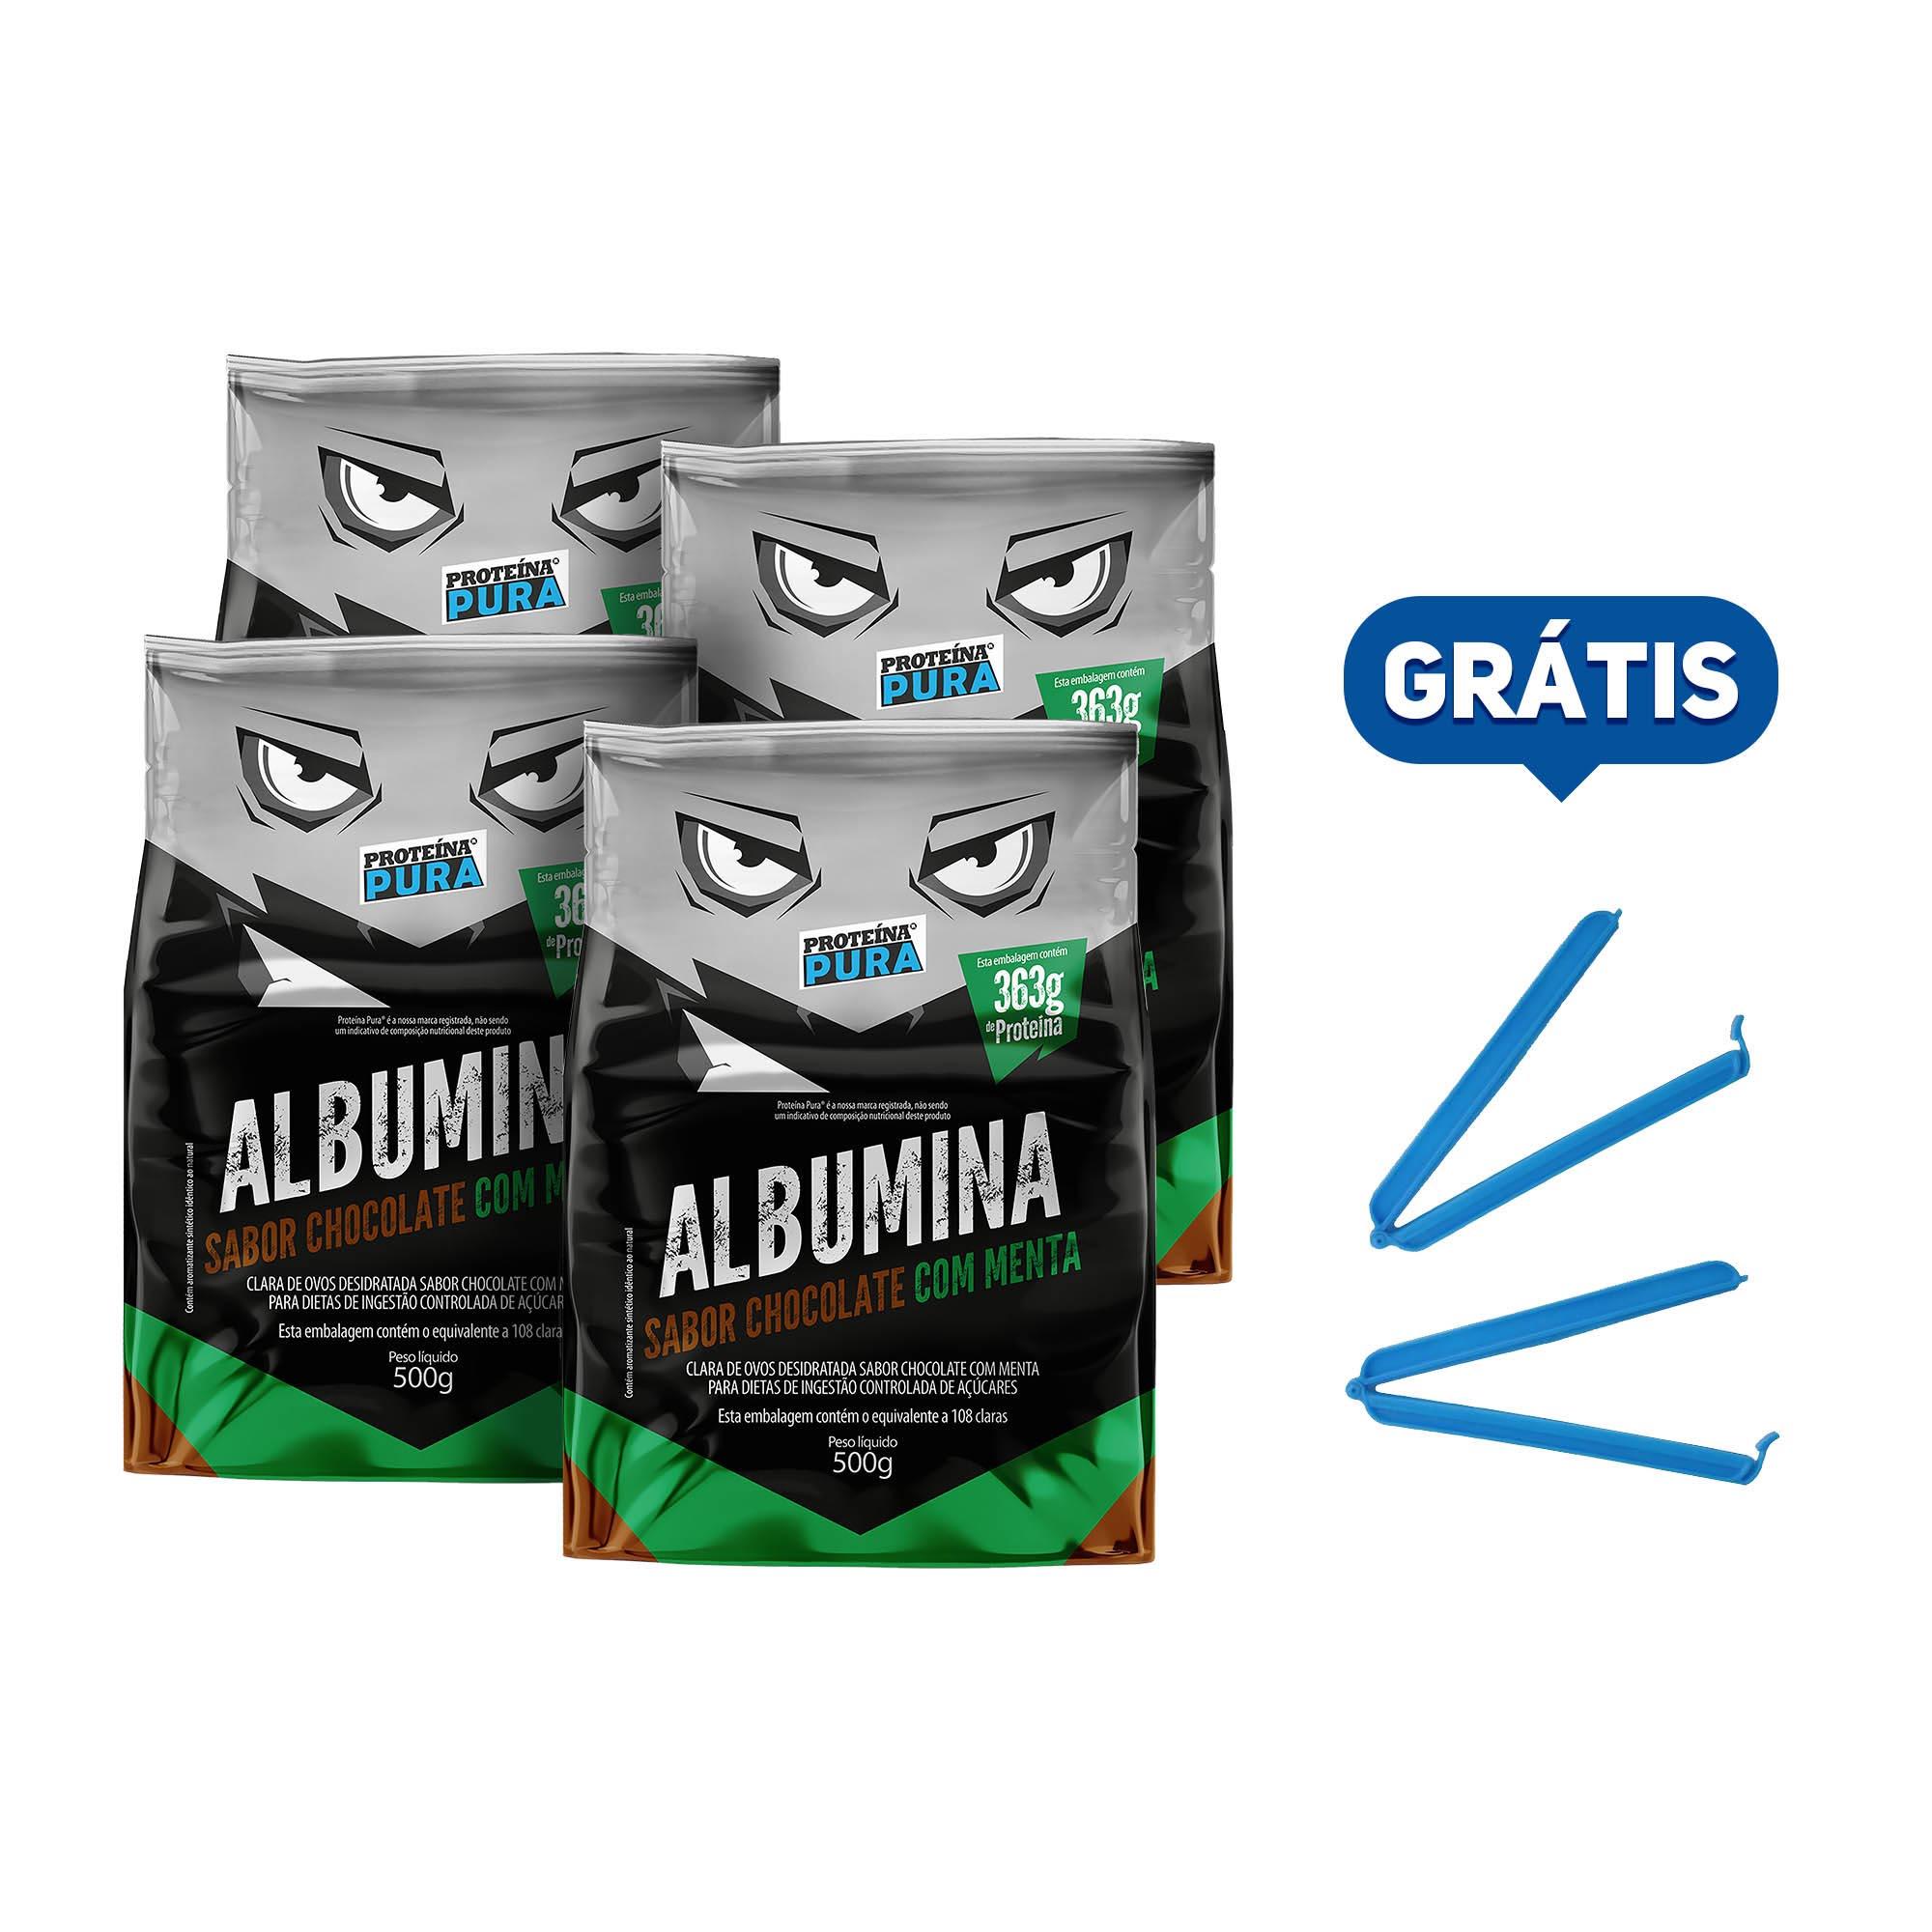 Kit Albumina Chocolate com Menta - (4 un x 500g) - Proteína Pura